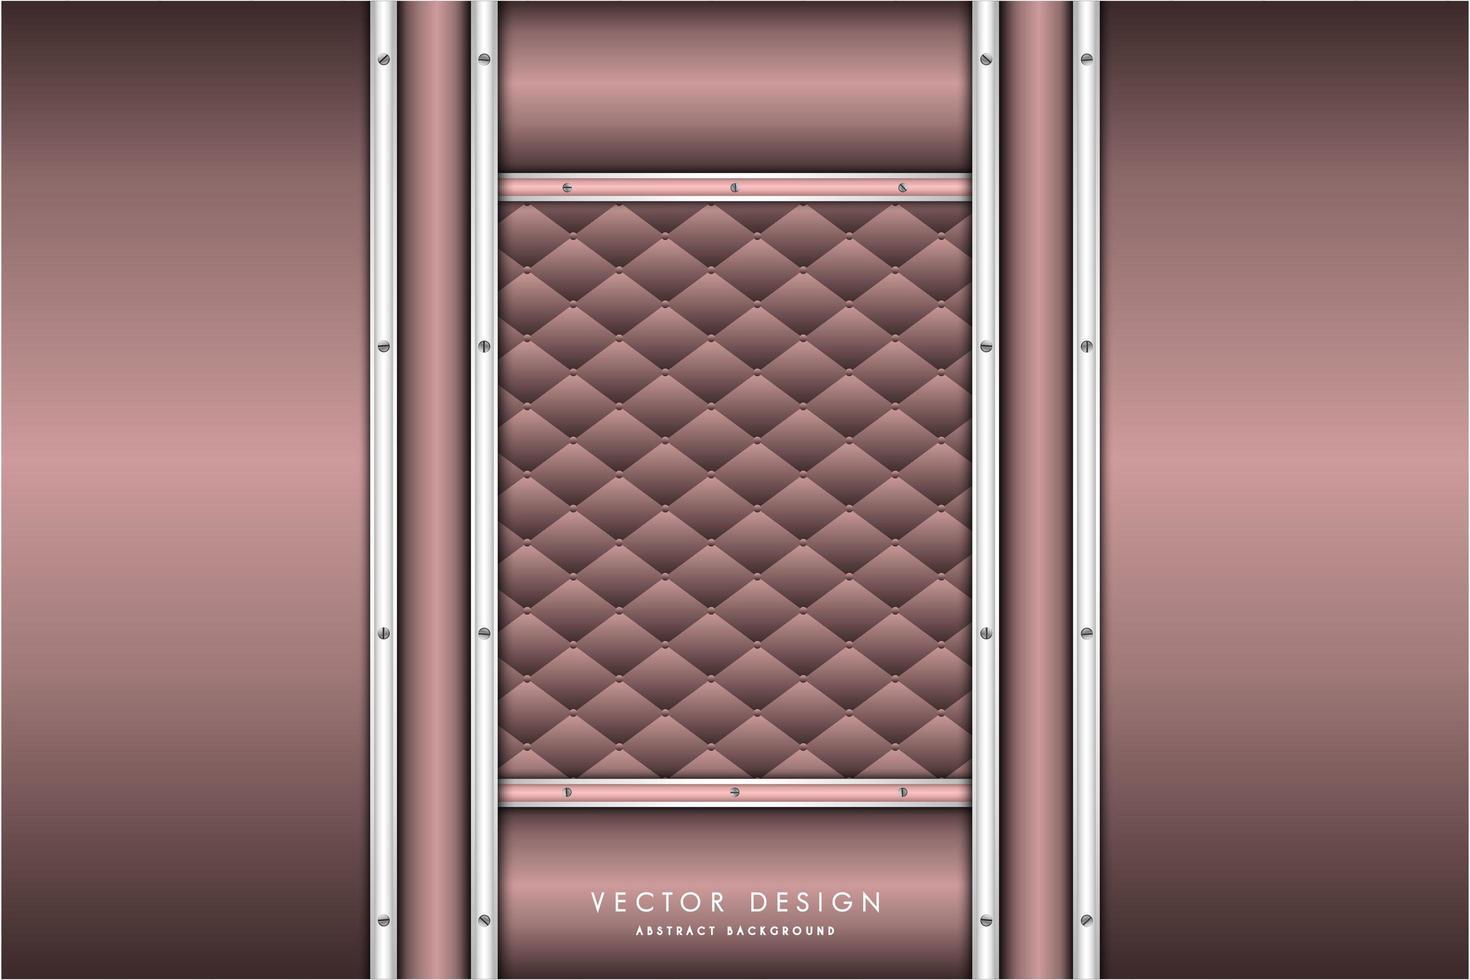 Metallic Pink und Silber Paneele und Polster Textur vektor